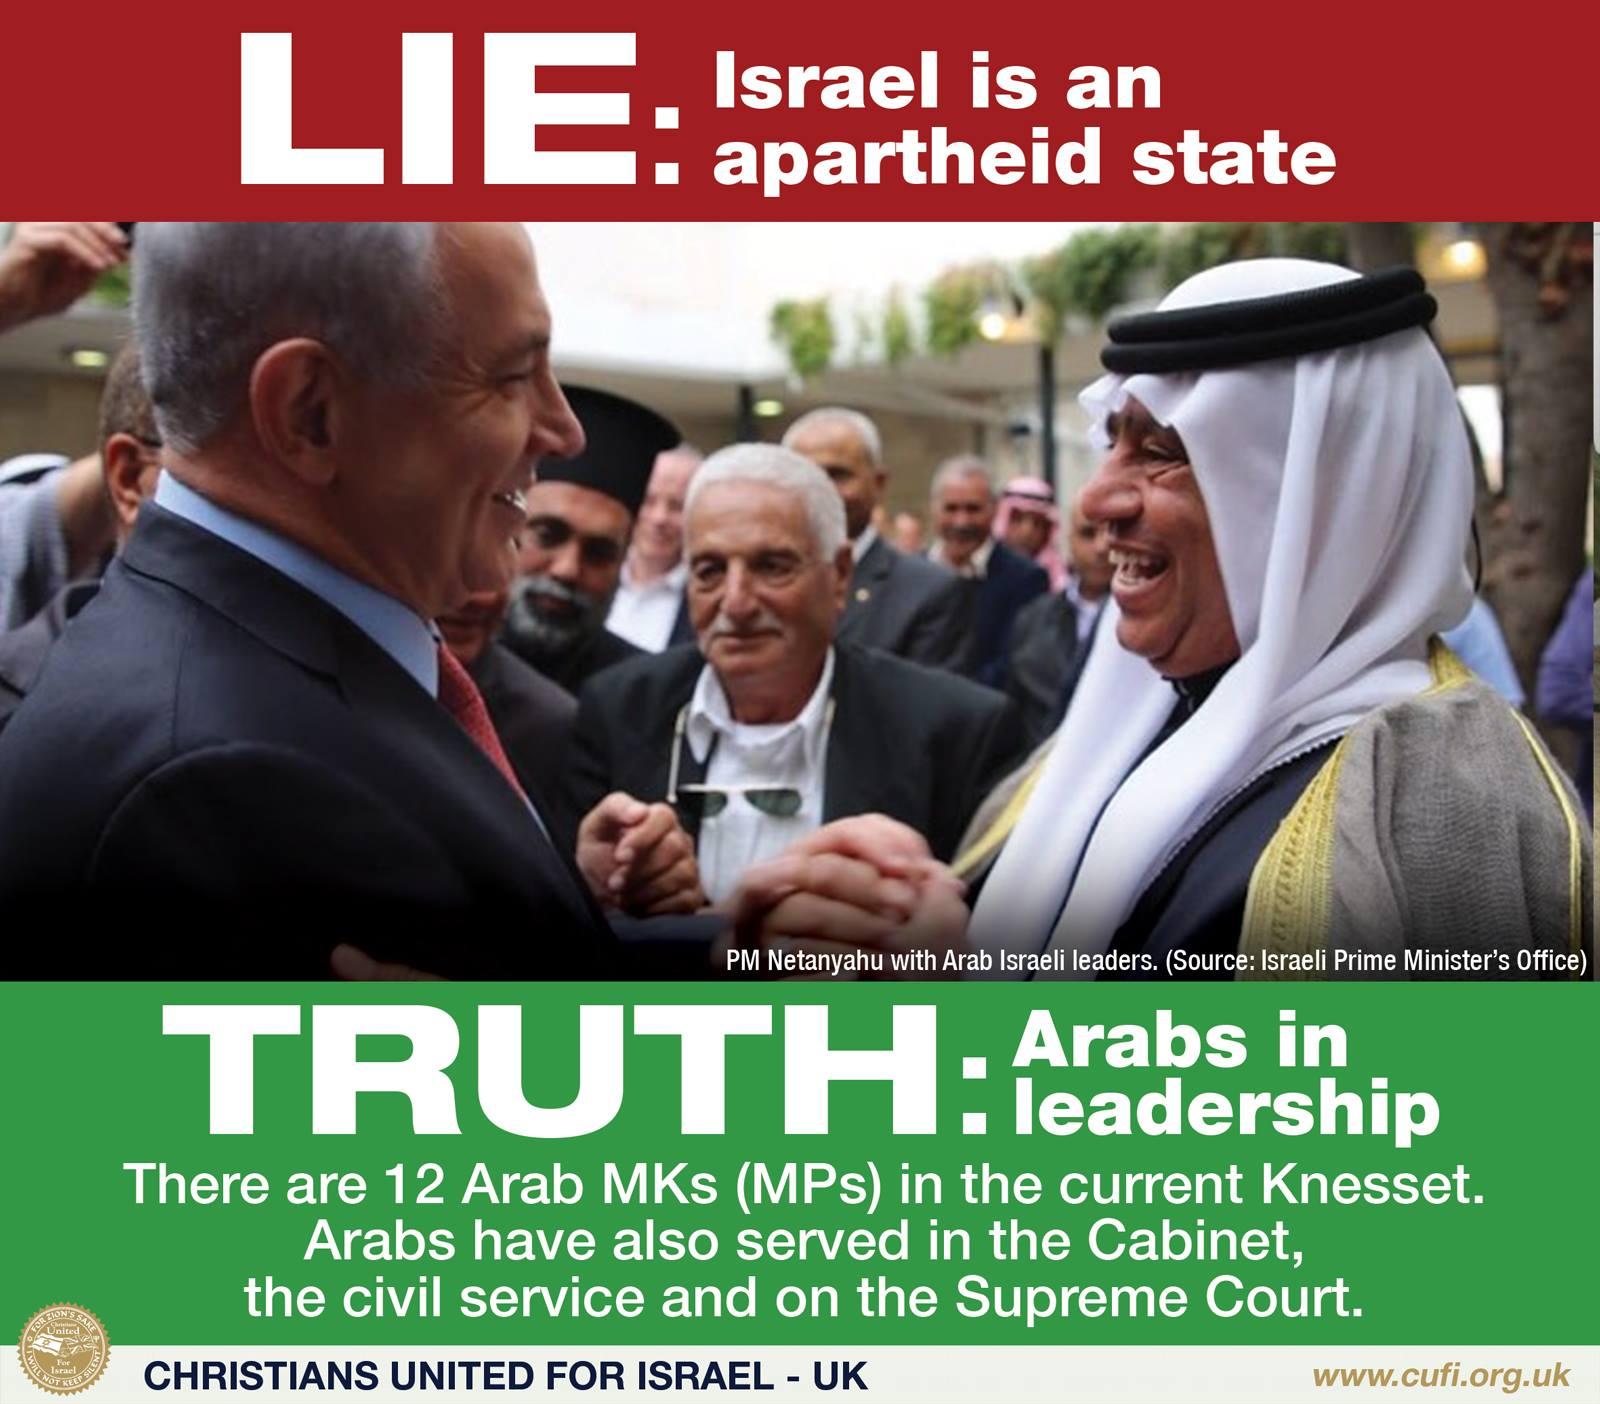 Israel is not apartheid 6